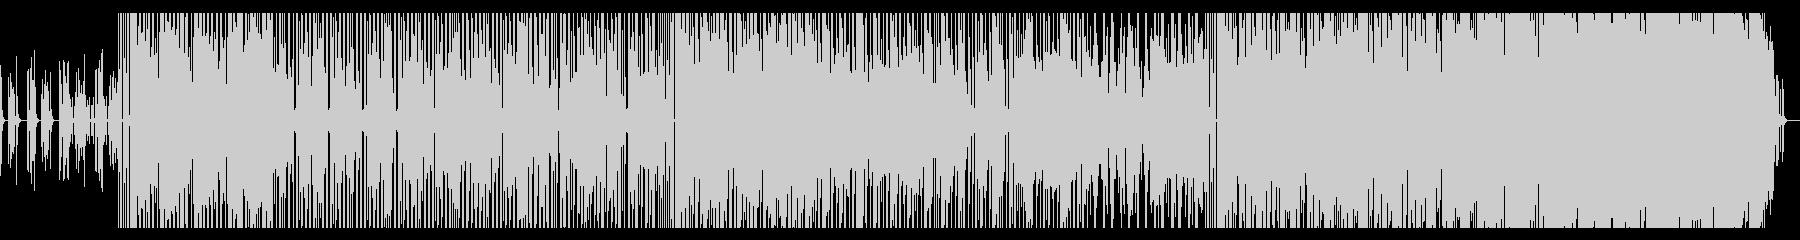 1970年代のファンク・ロック風インストの未再生の波形